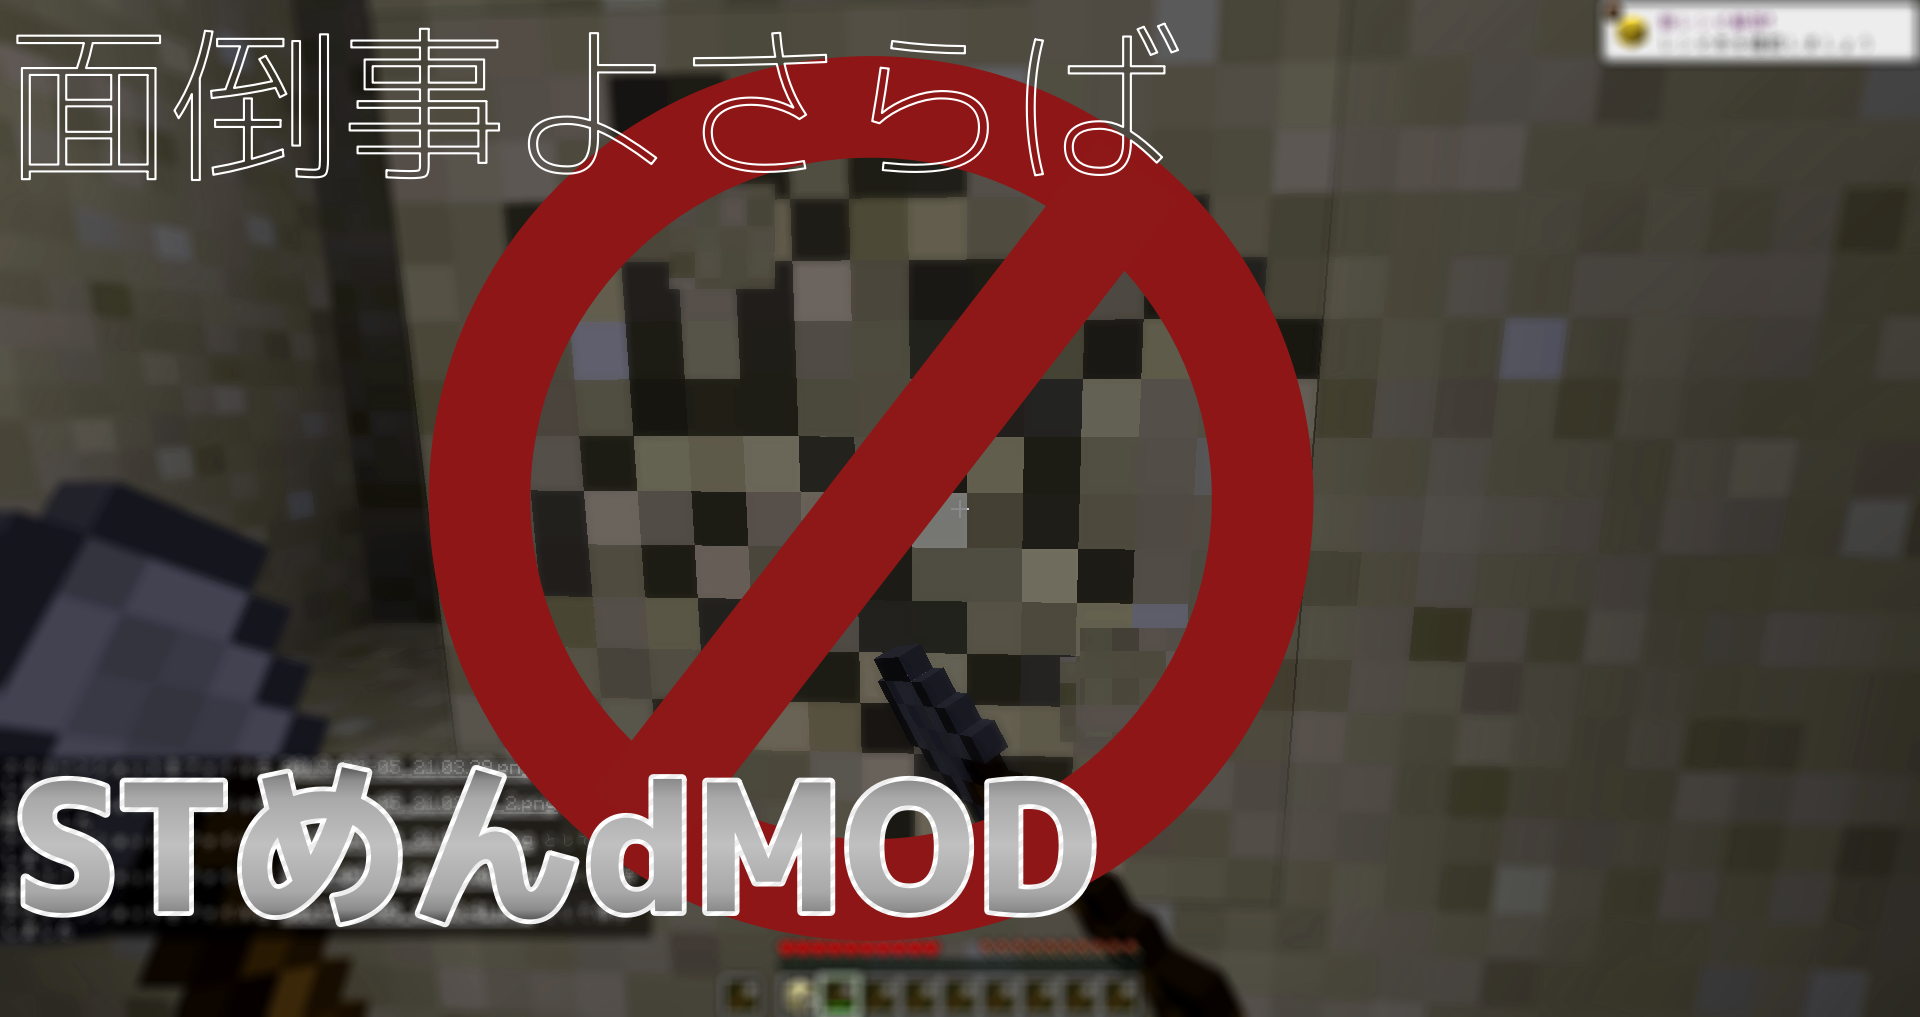 STめんdMOD(仮)